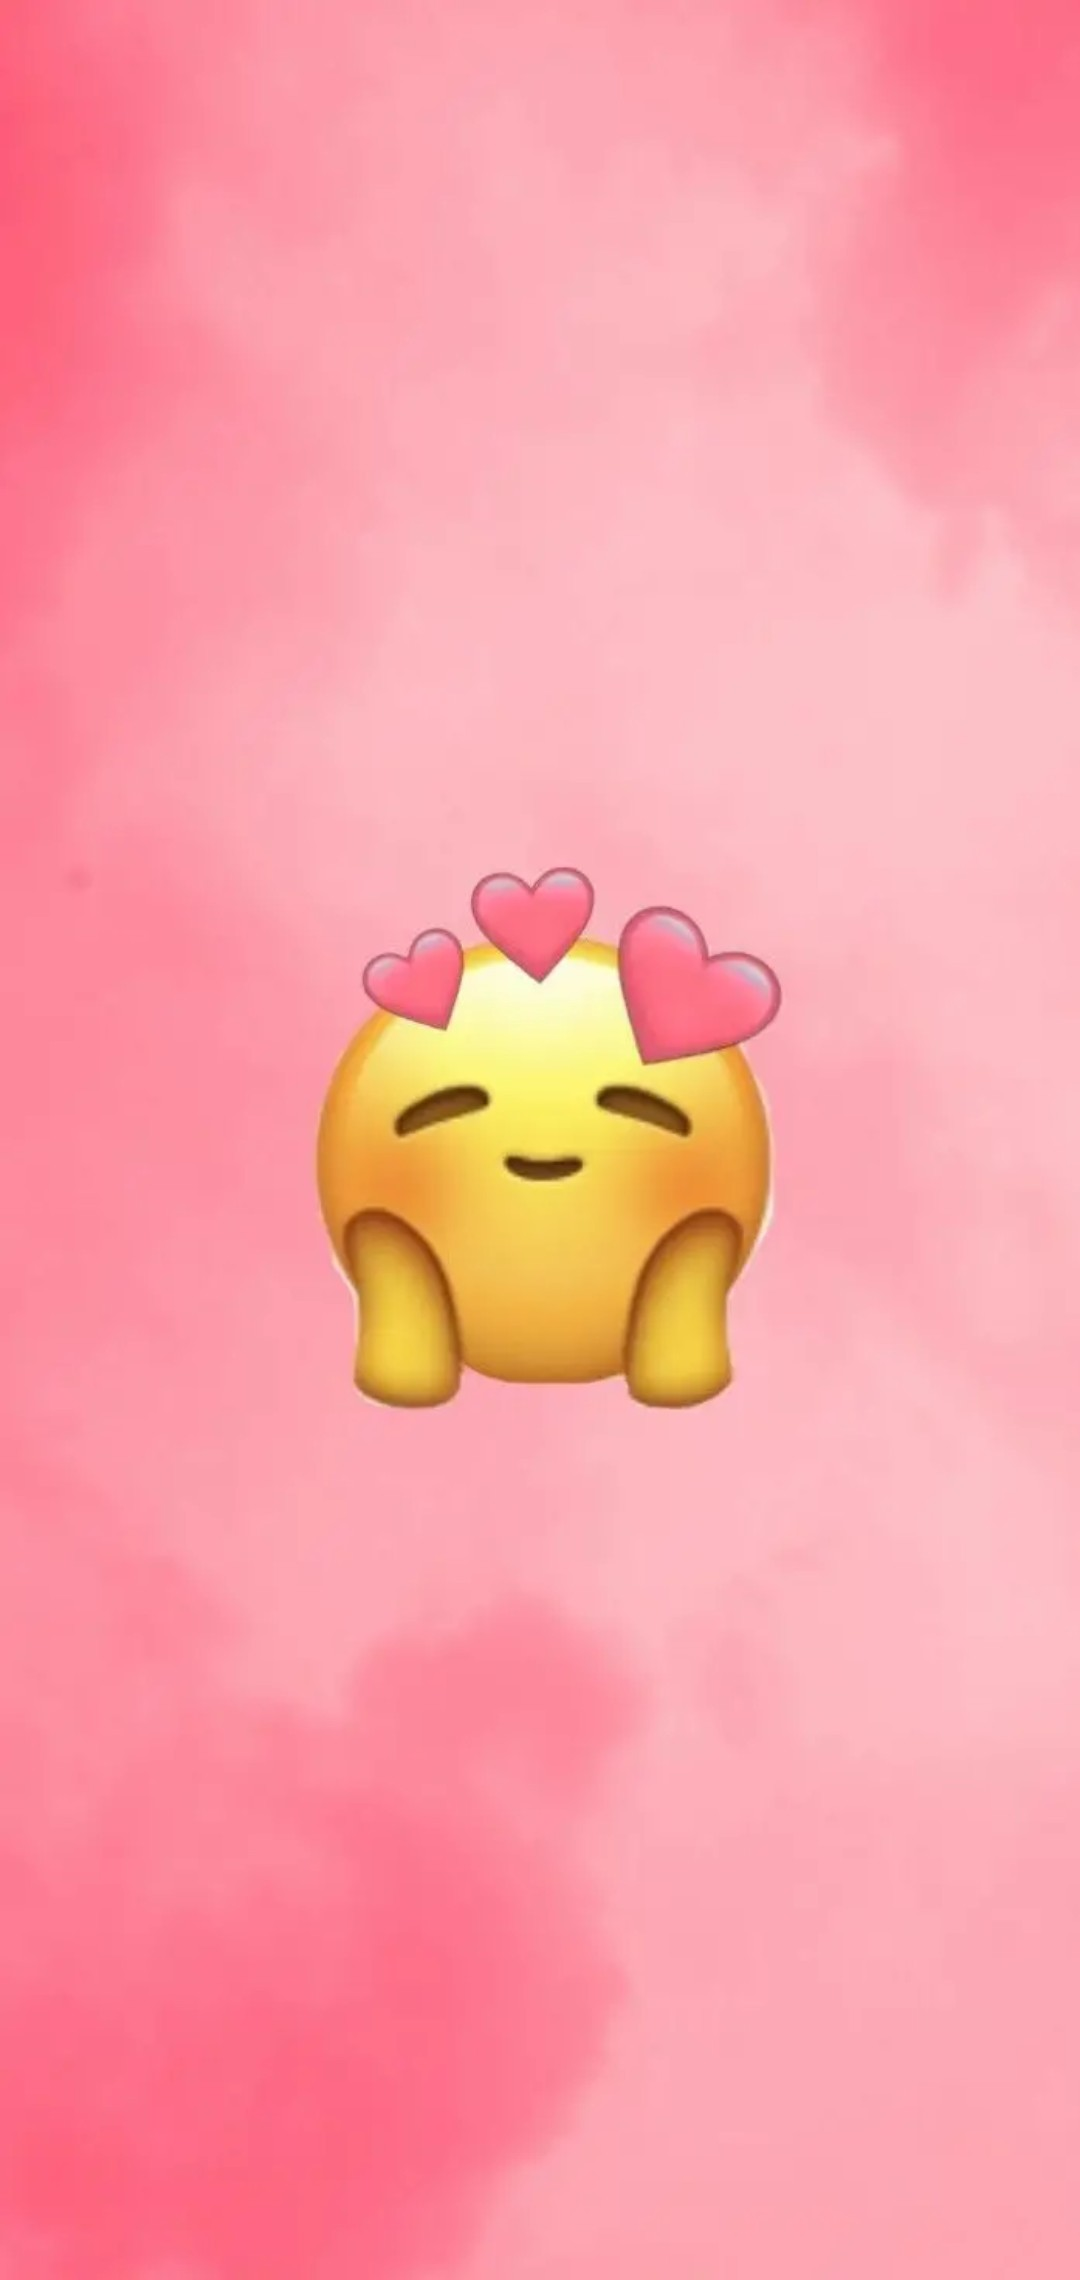 Emoji Phone Wallpaper-30